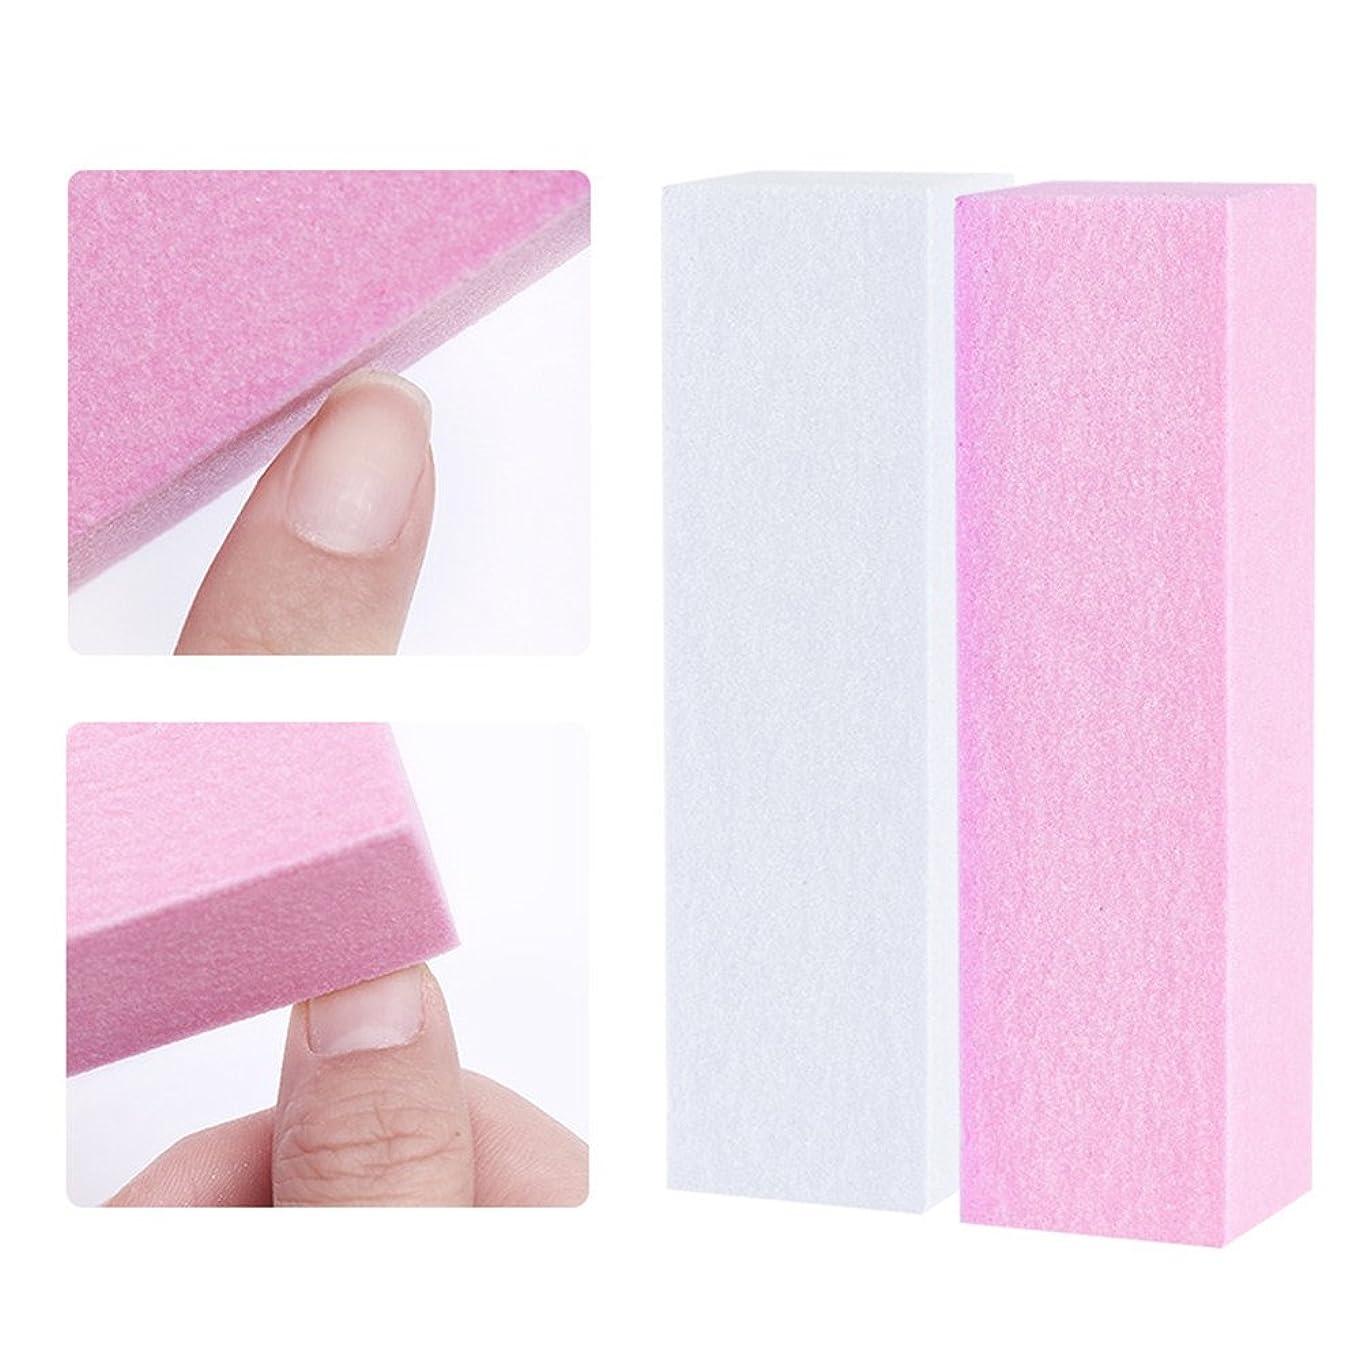 社会学必要ない辛いNICOLE DIARY 10個セット ネイルバッファー つめ磨き ピンク ホワイト ブロック ネイルアートツール [並行輸入品]